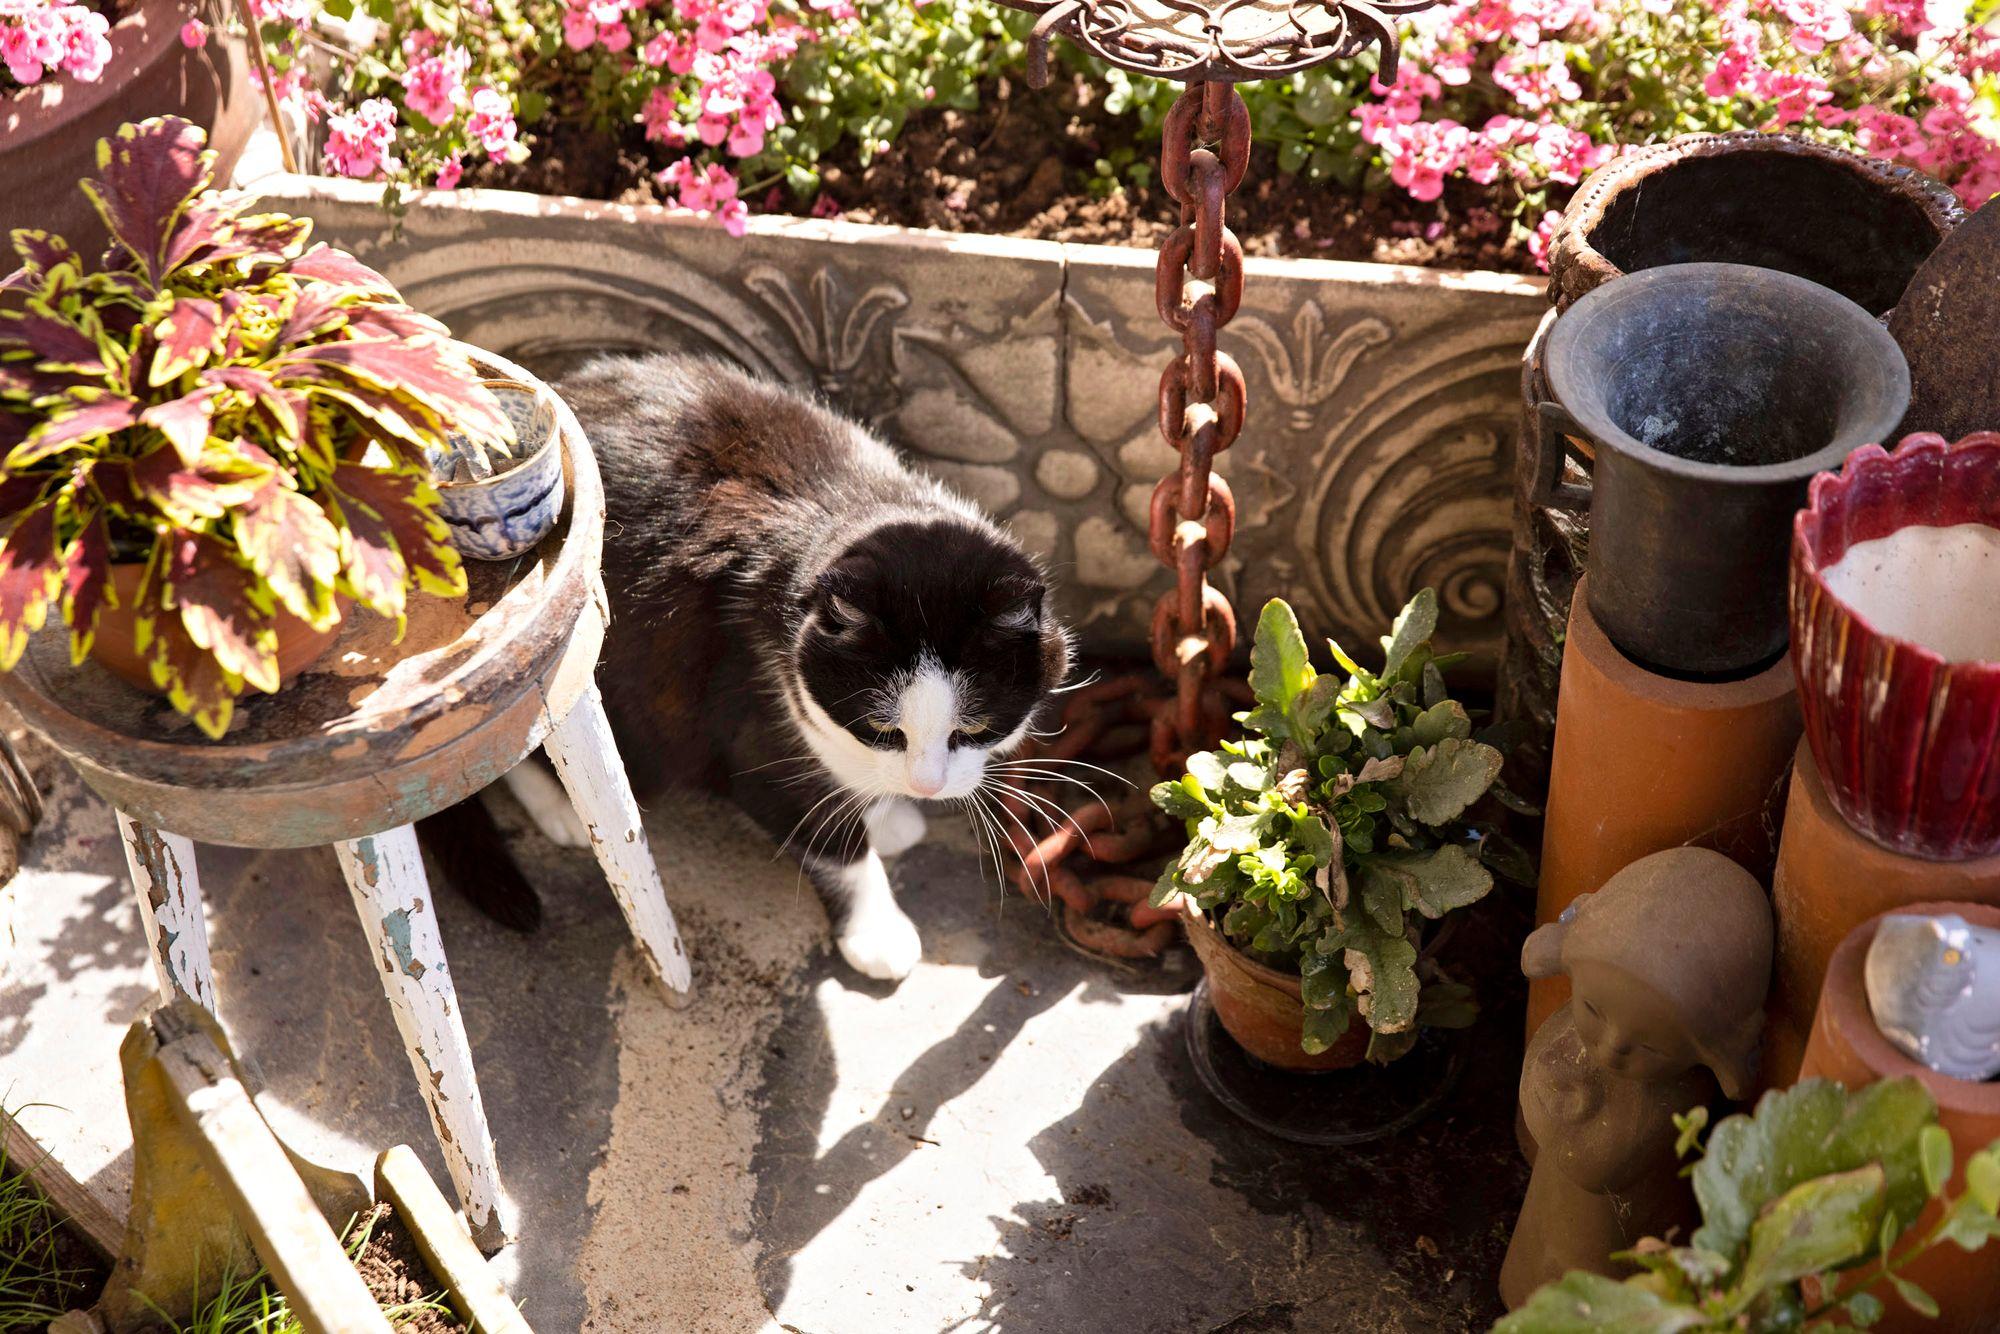 Sirkalla on neljä kissaa, jotka ovat emäntänsä silmäteriä. Kun Sirkan poskessa oli syövän jäljiltä iso haava, kissat halusivat tulla nuolemaan sitä. © Tommi Tuomi